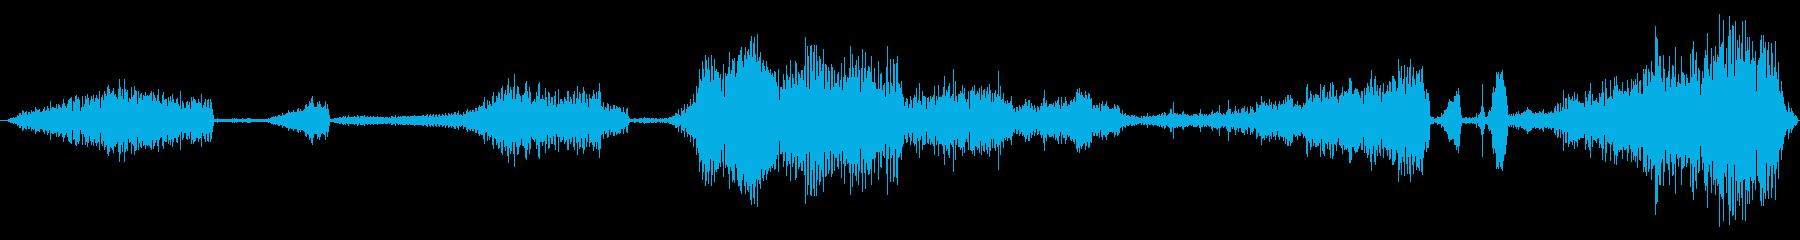 HISSES AND SPIT、C...の再生済みの波形